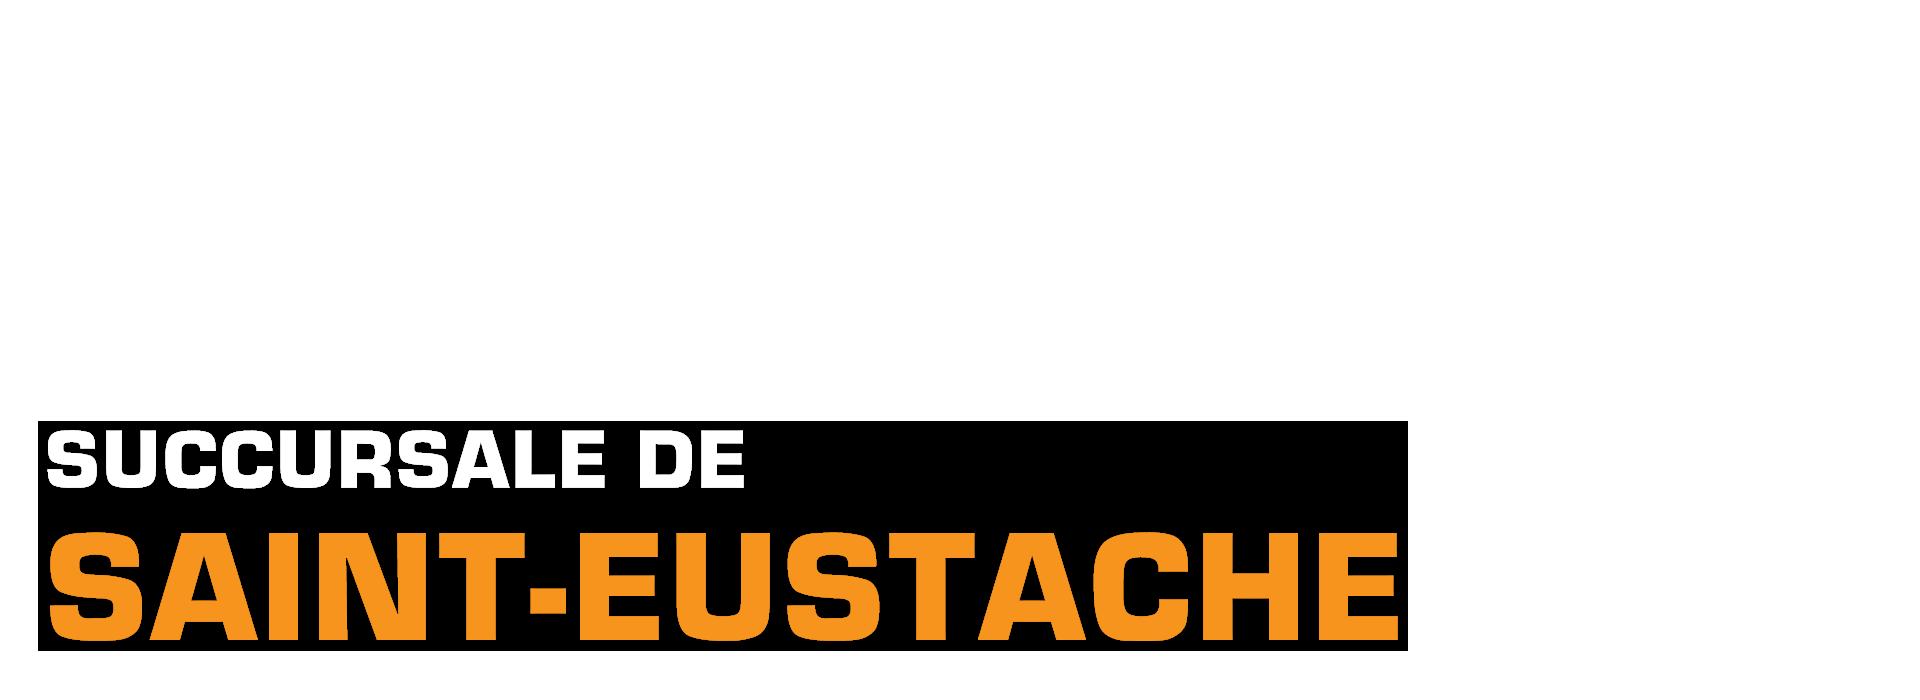 Le Lunetier St-Eustache - Home | Facebook